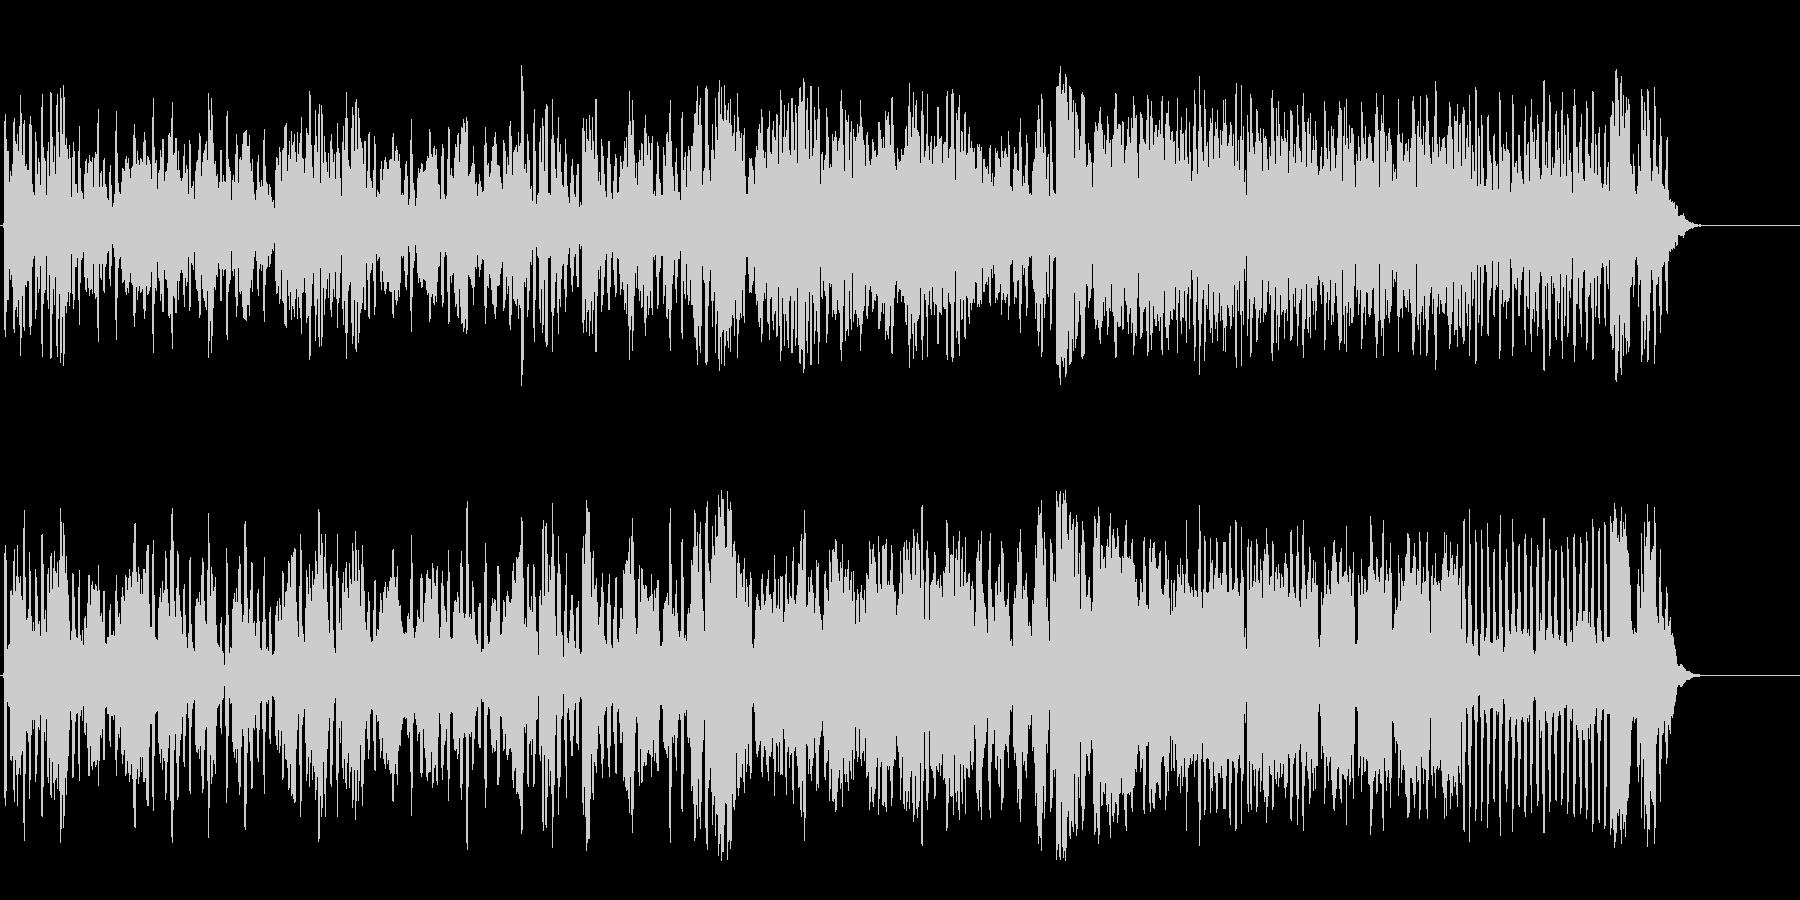 フルートアンサンブルの可憐なクラシックの未再生の波形